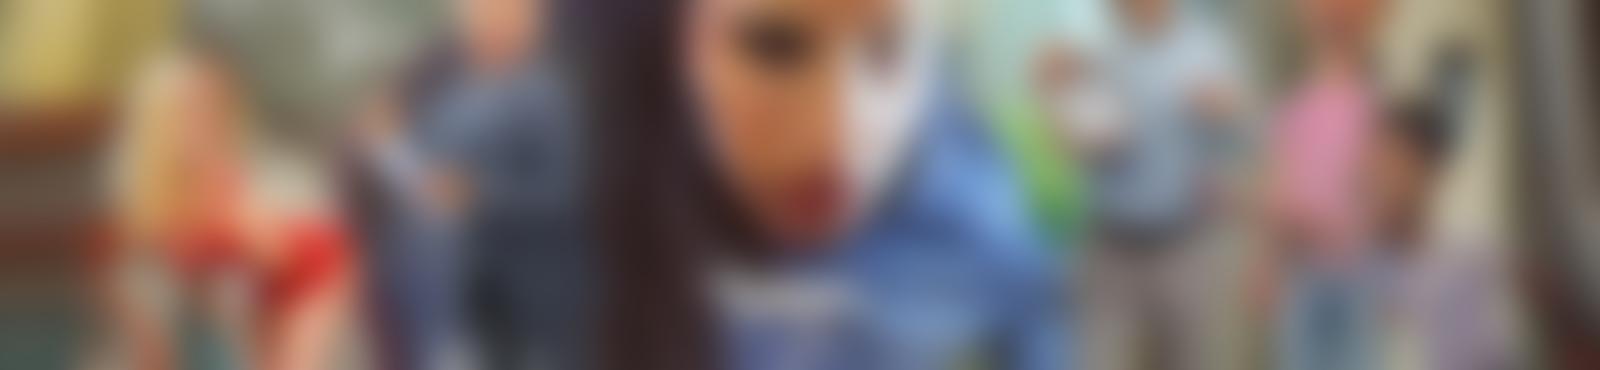 Blurred 1c4413d8 ce1e 49b0 af31 b00a07c9c1df